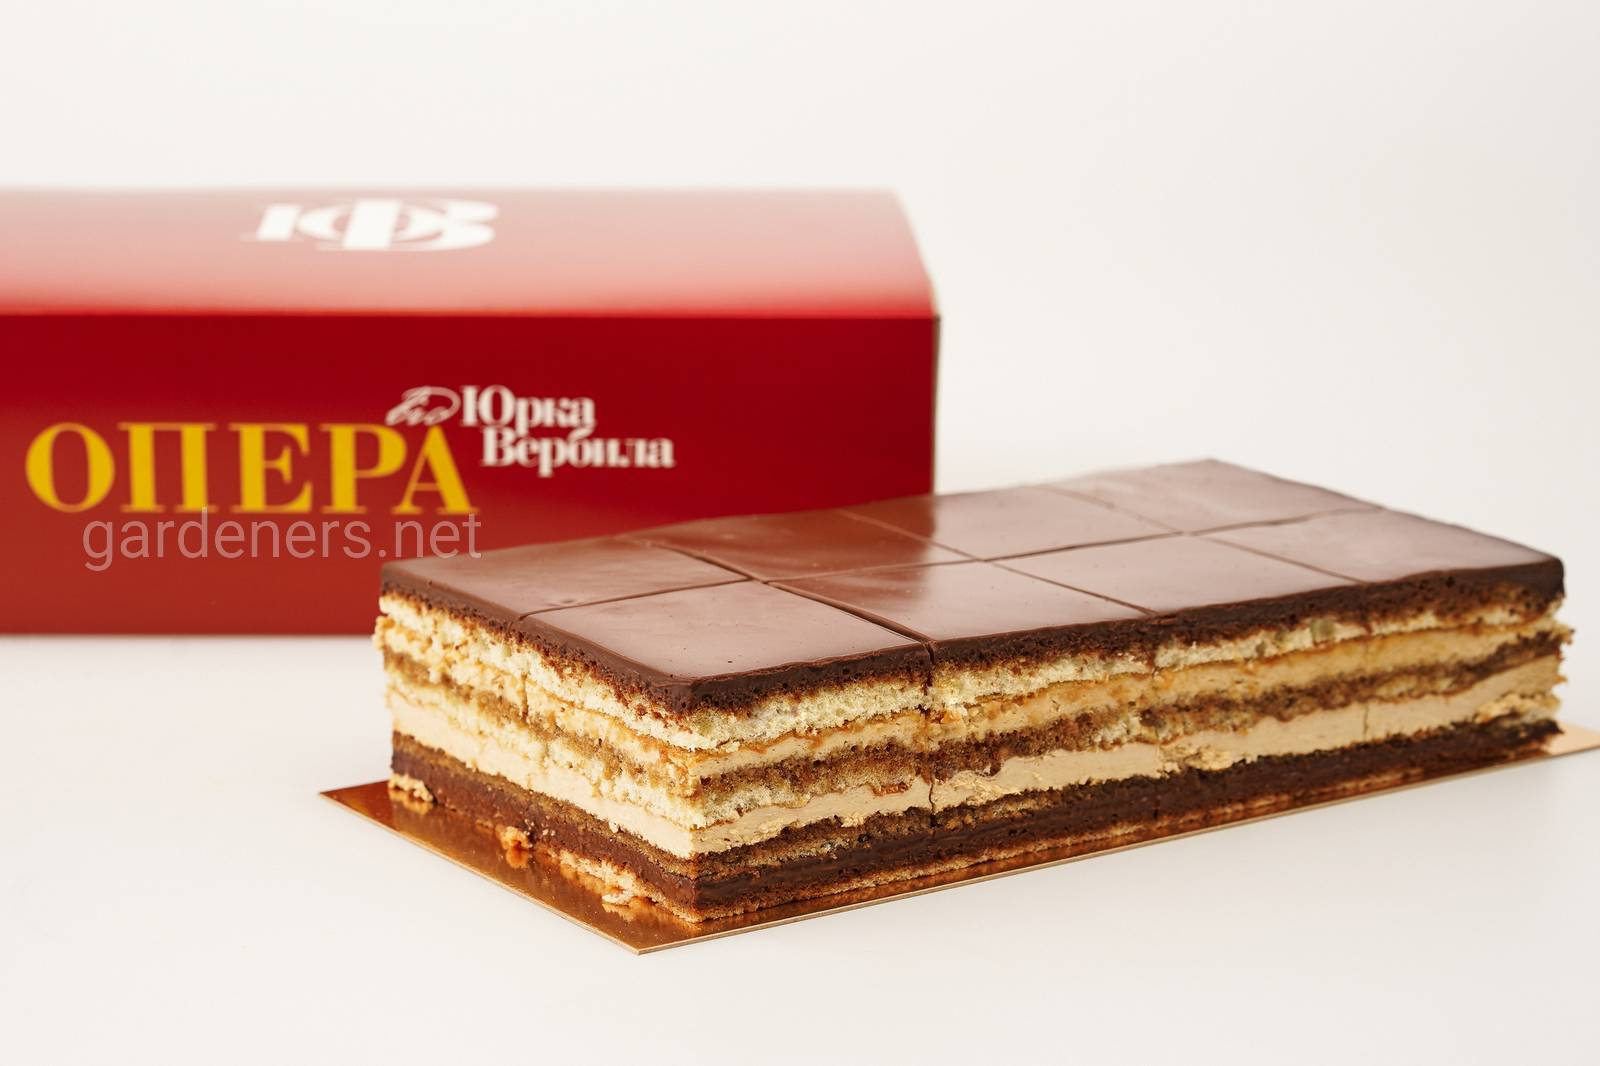 Торт Опера.jpg